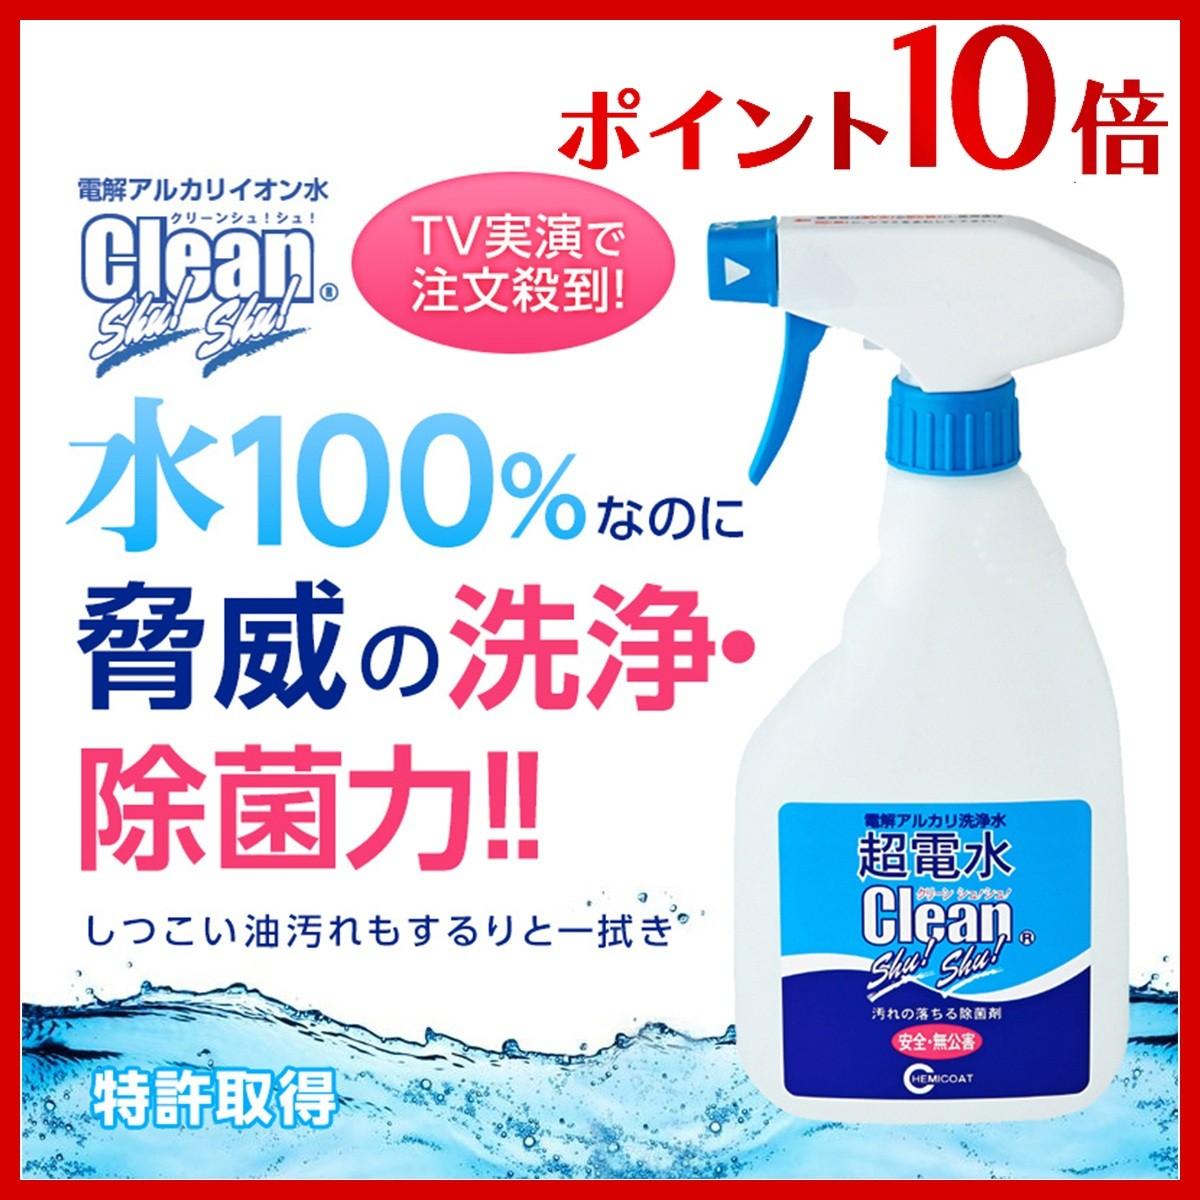 水100%なのに驚異の洗浄・除菌力!!しつこい油汚れも一拭き